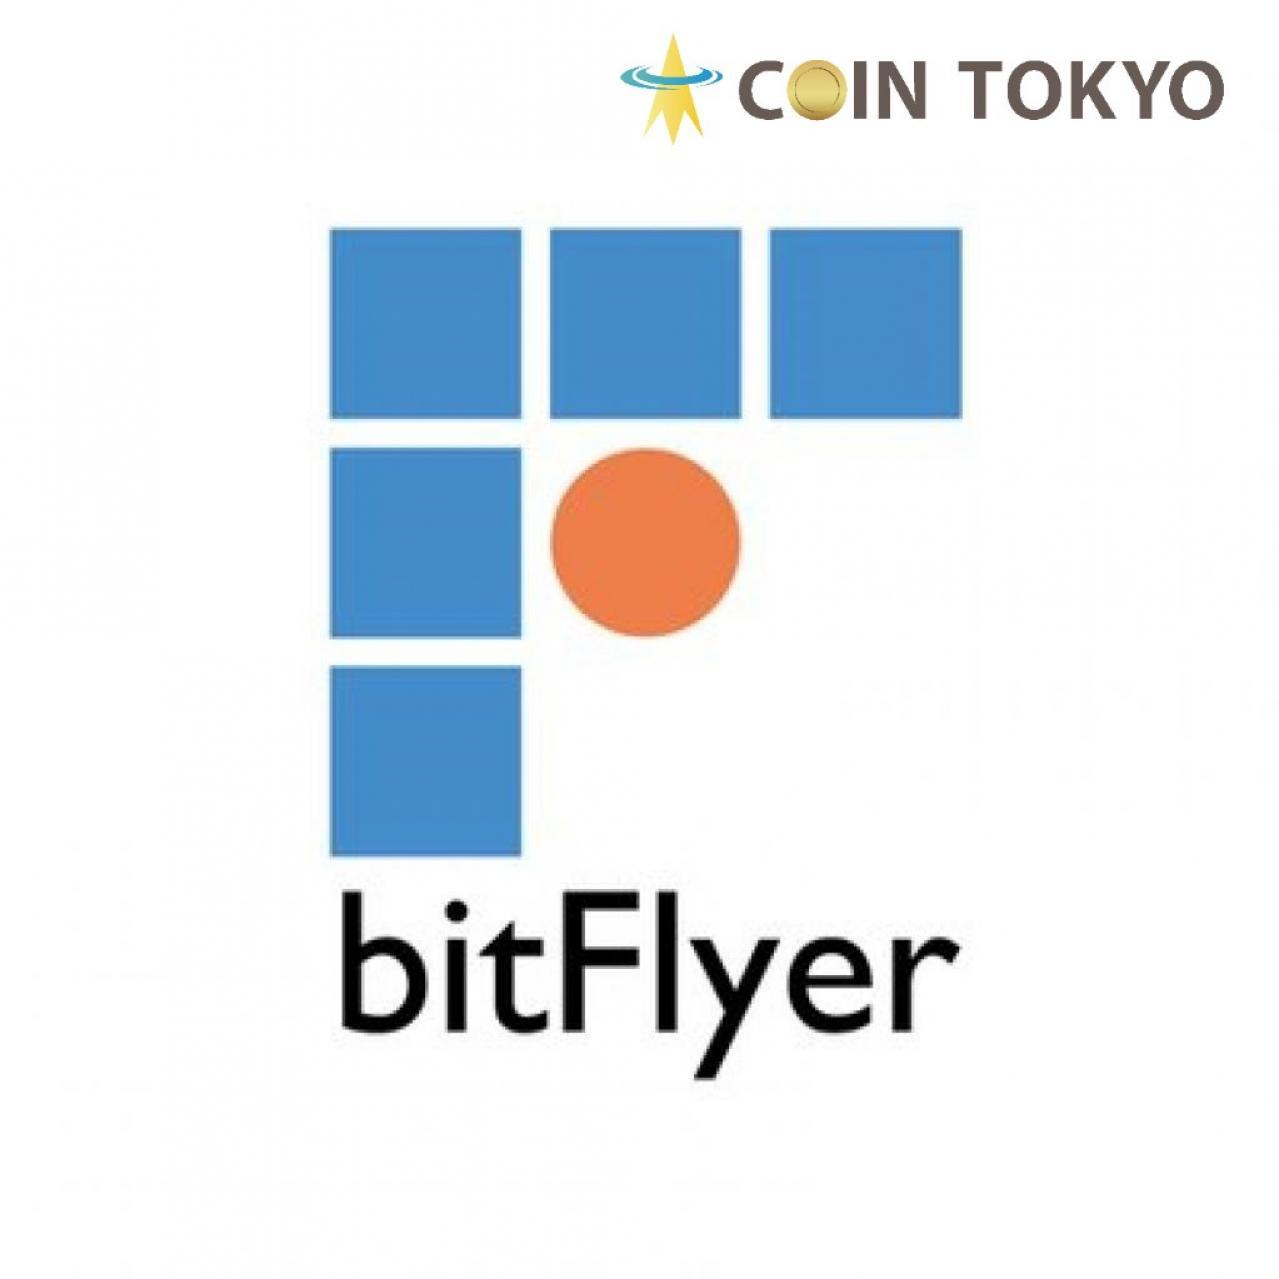 ビットコイン(Bitcoin)/日本円のチャート